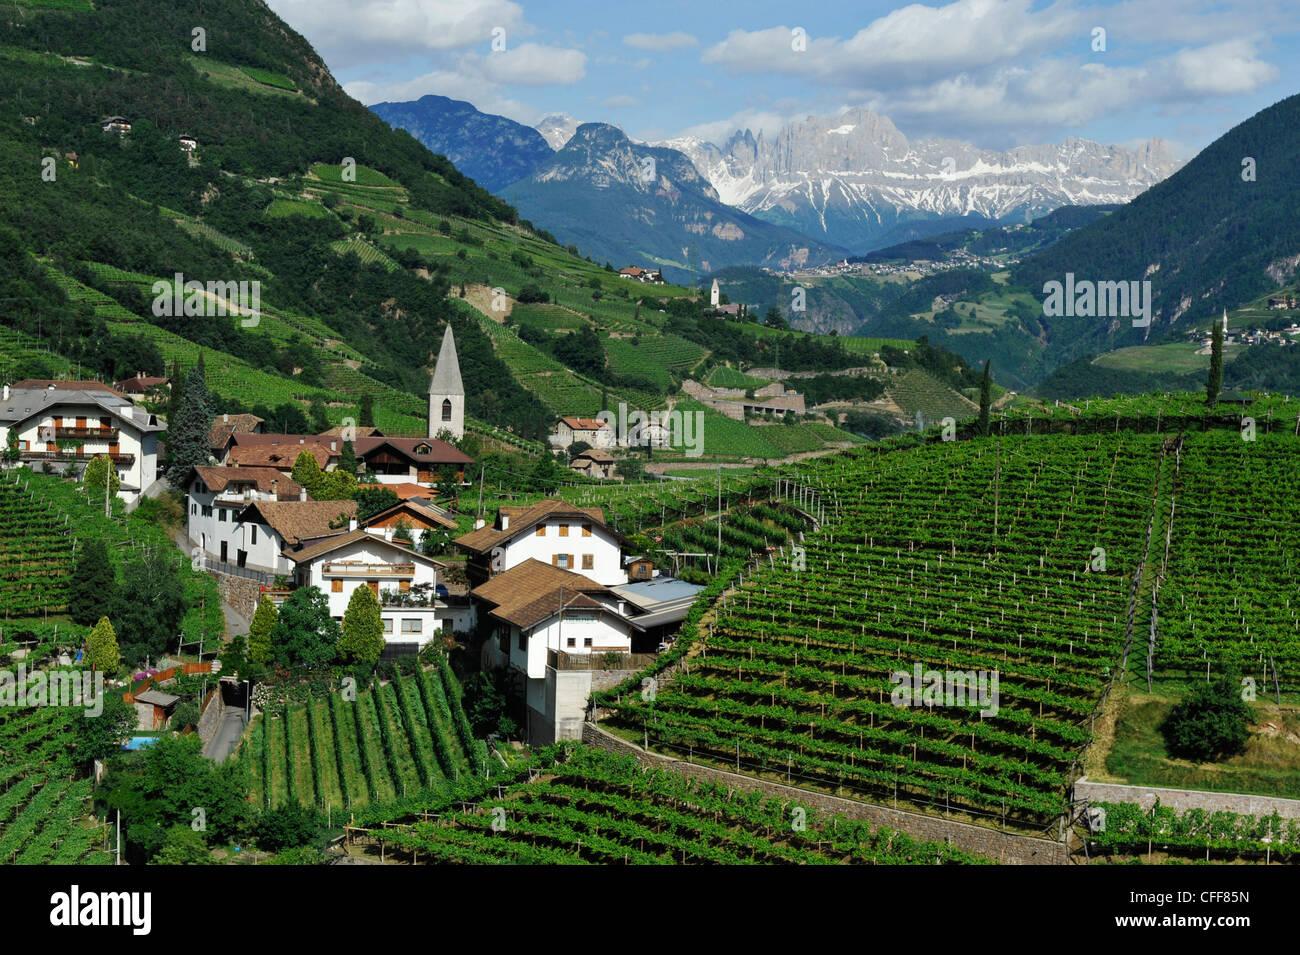 Vigneto e case sotto cielo velato, Bolzano Rentsch, Dolomiti, Alto Adige, Alto Adige, Italia, Europa Immagini Stock